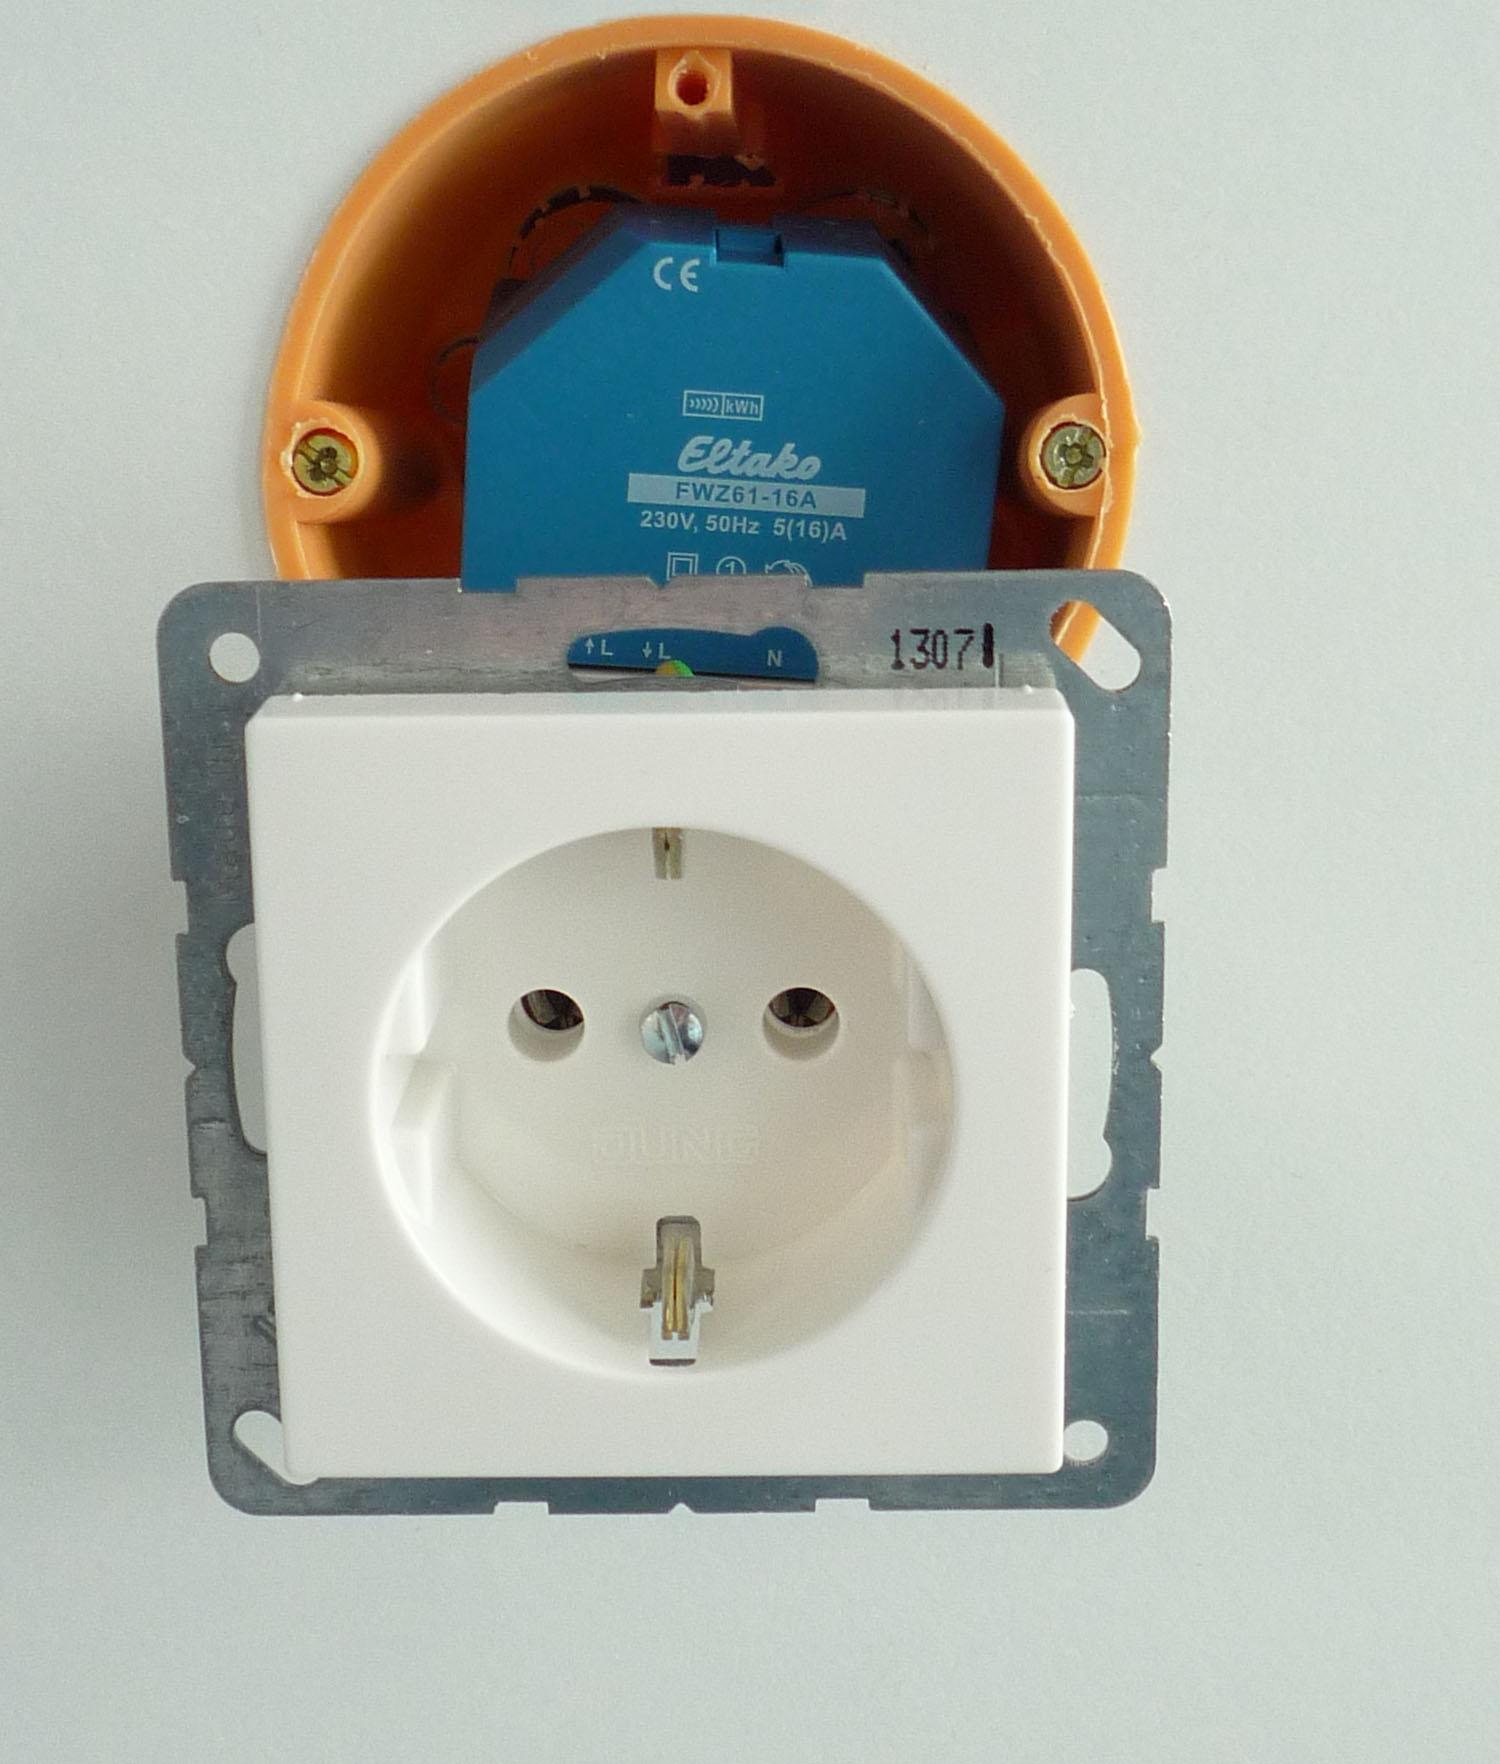 Smart Metering im Smart Home